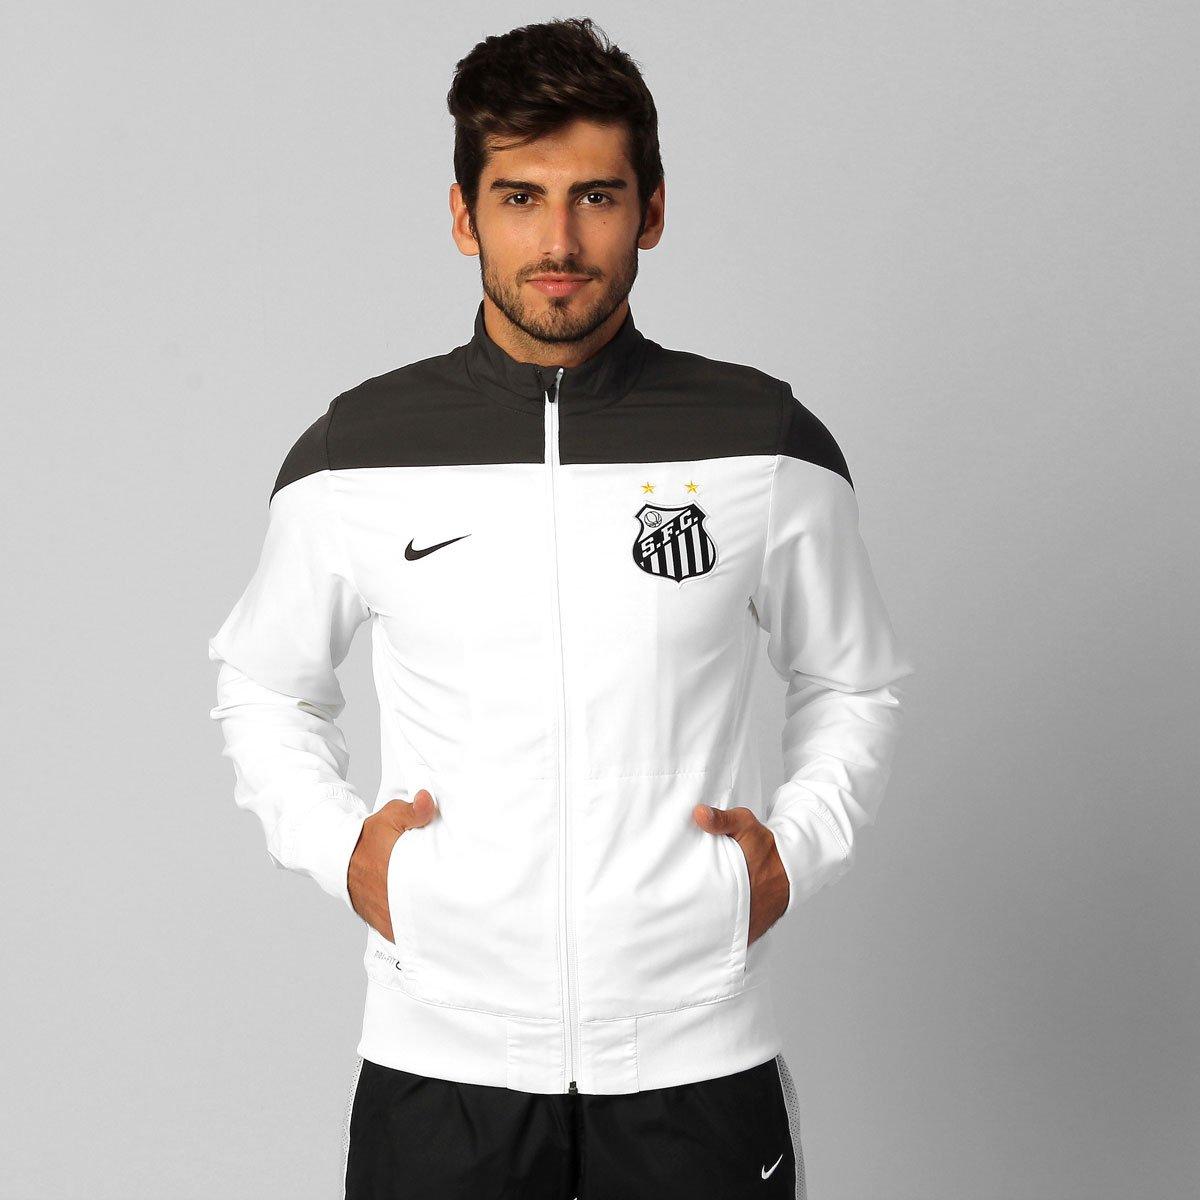 Jaqueta Nike Santos Treino 2014 - Compre Agora  4f2503f437c6b